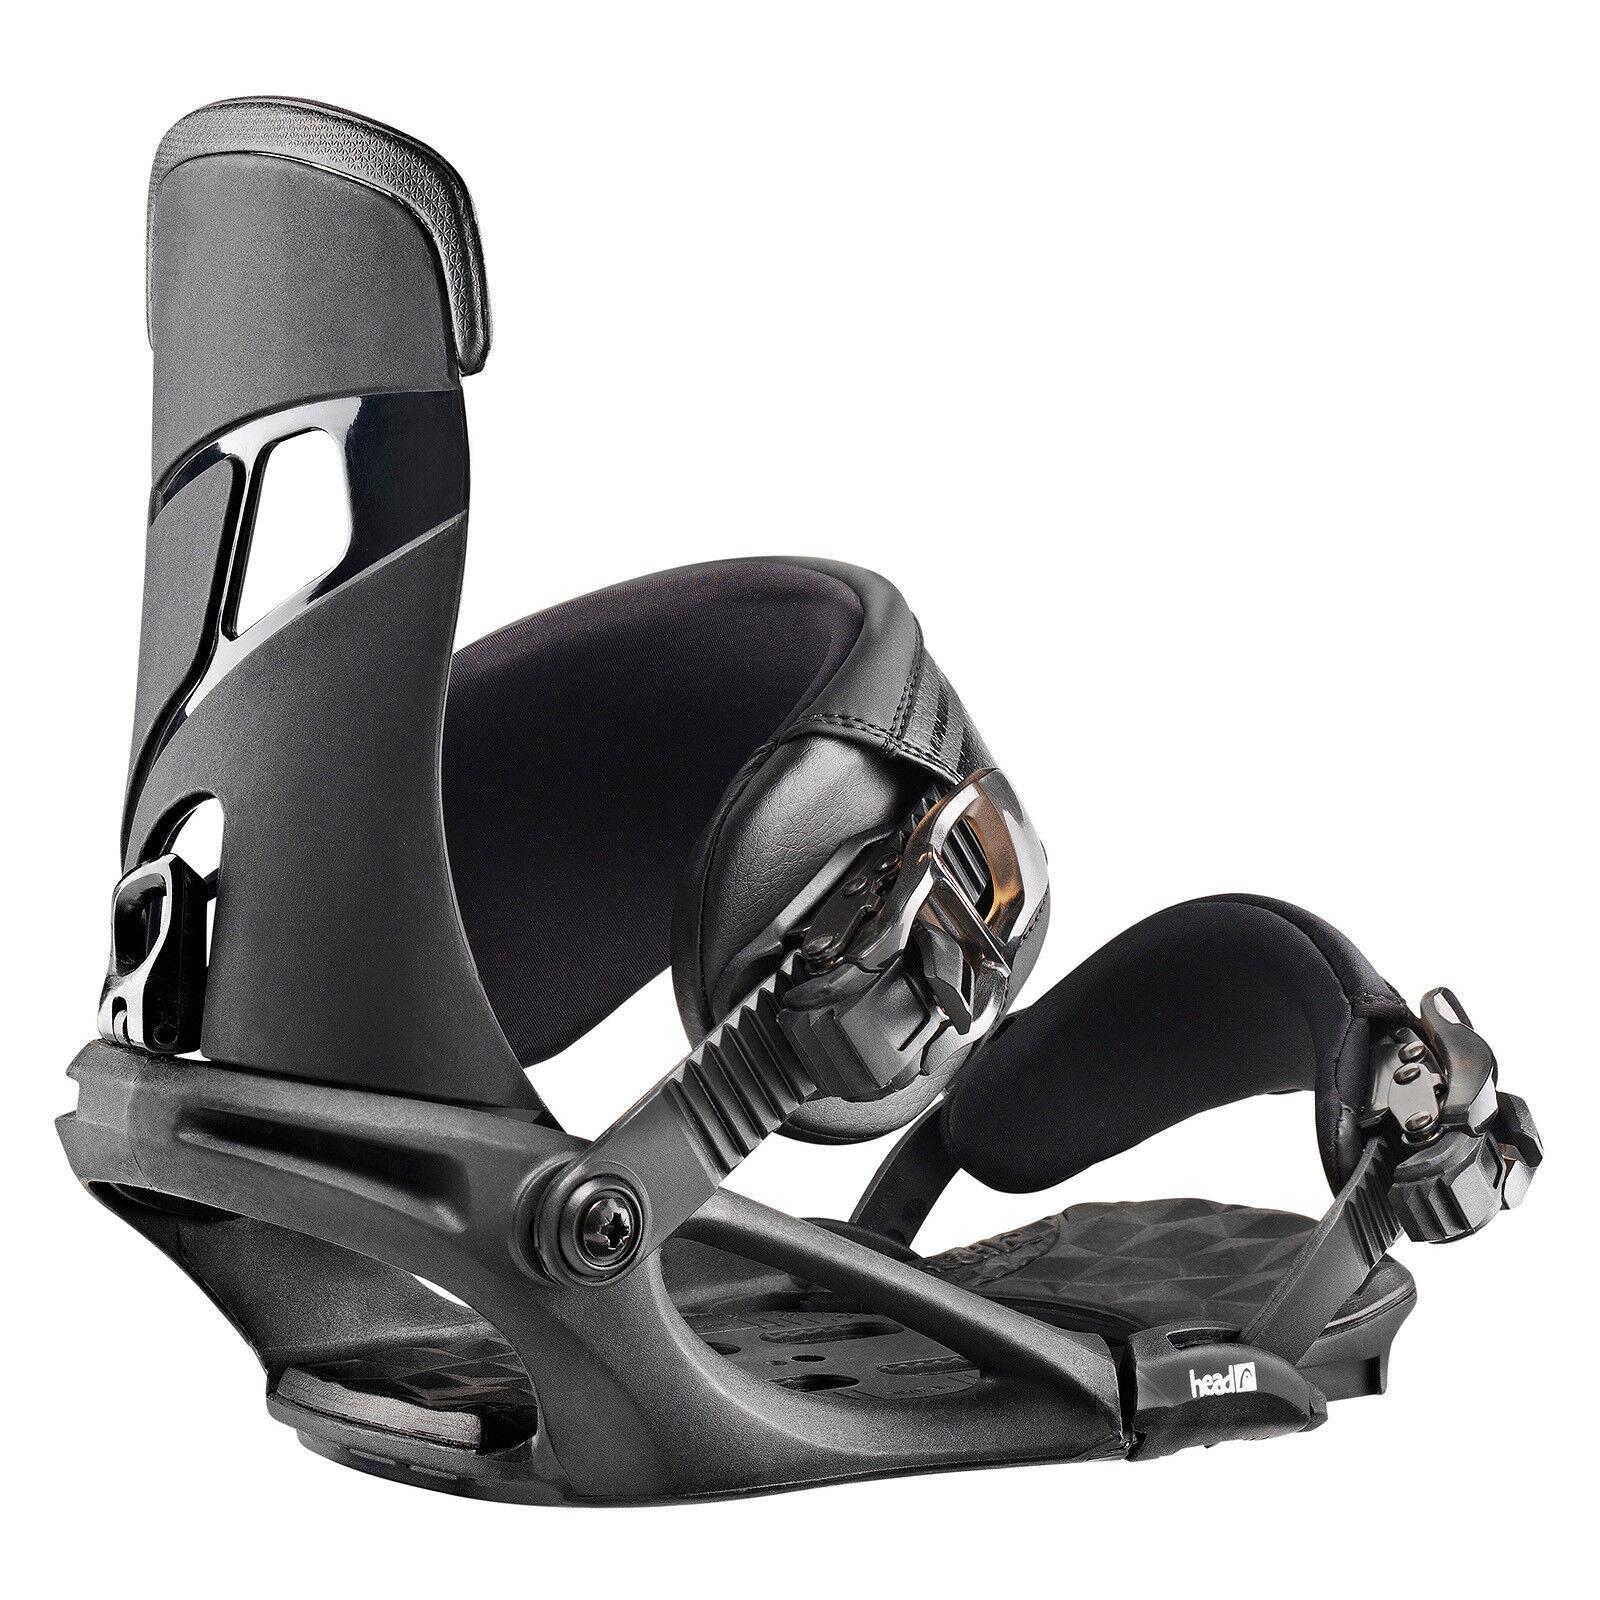 Head NX One schwarz - Art.Nr. 341326 341326 341326 60b42f